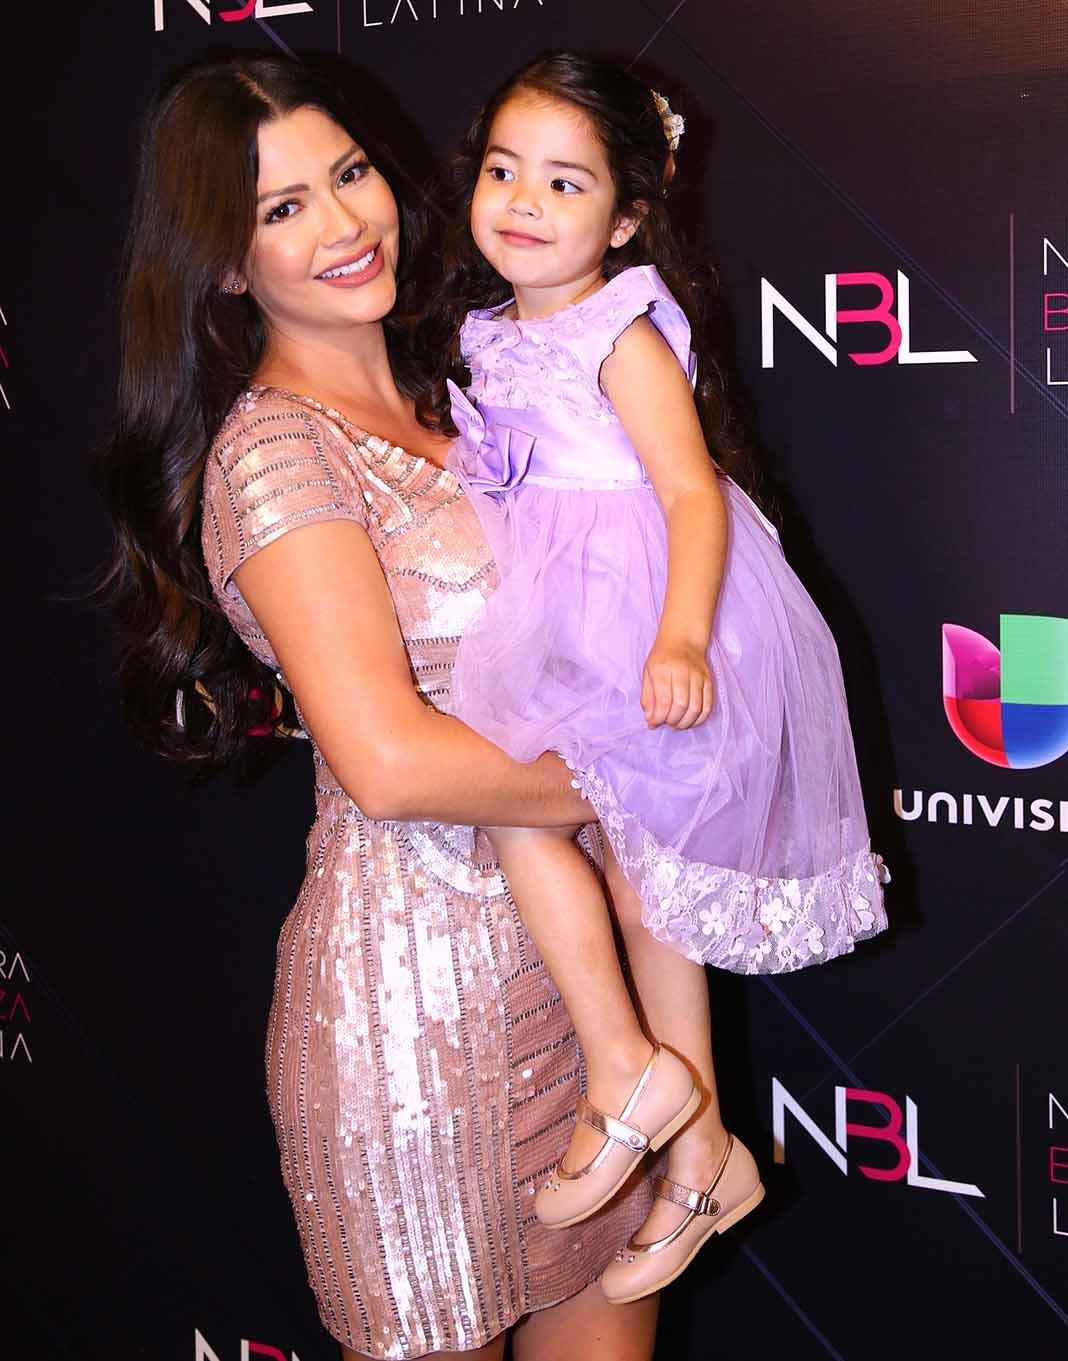 Ana Patricia piensa compartir compartirá con su hija Giulietta las bases para que encuentre el